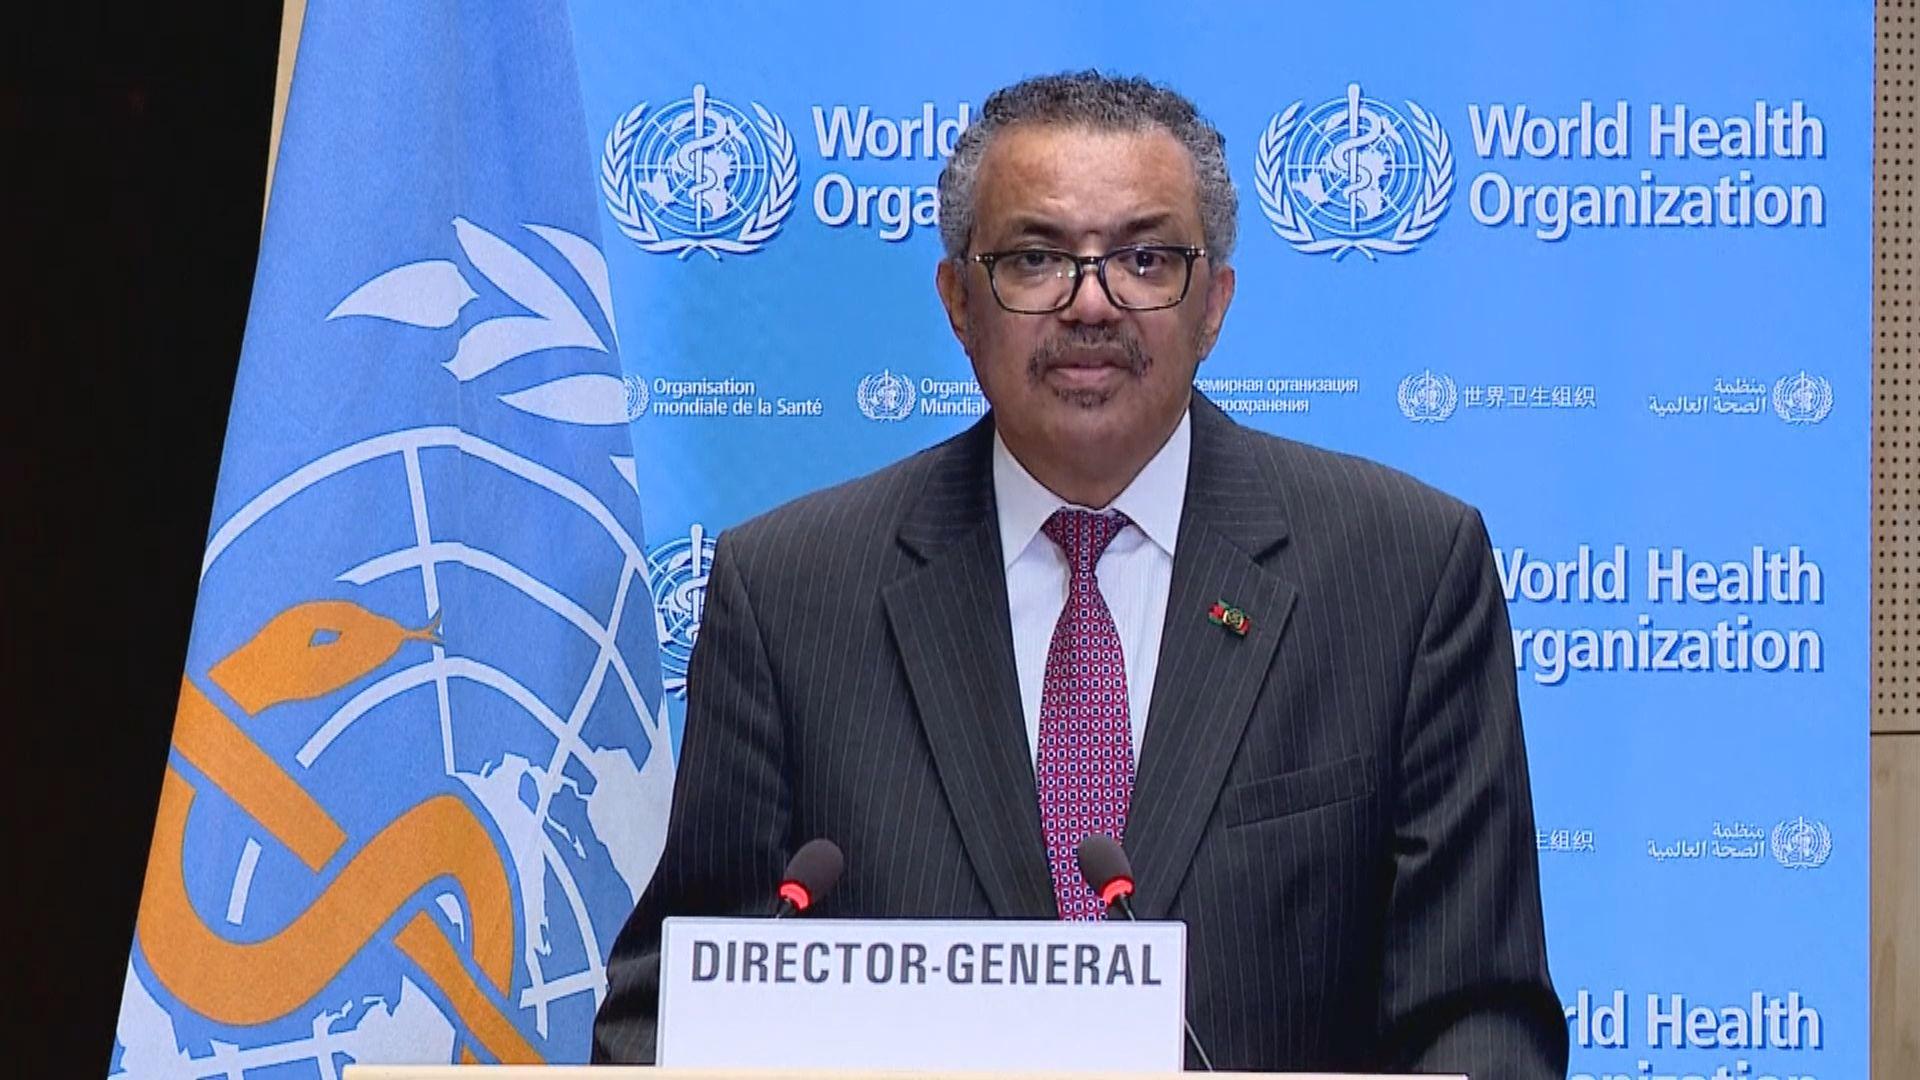 譚德塞:全球疫情形勢仍非常危險 籲各國加強合作應對